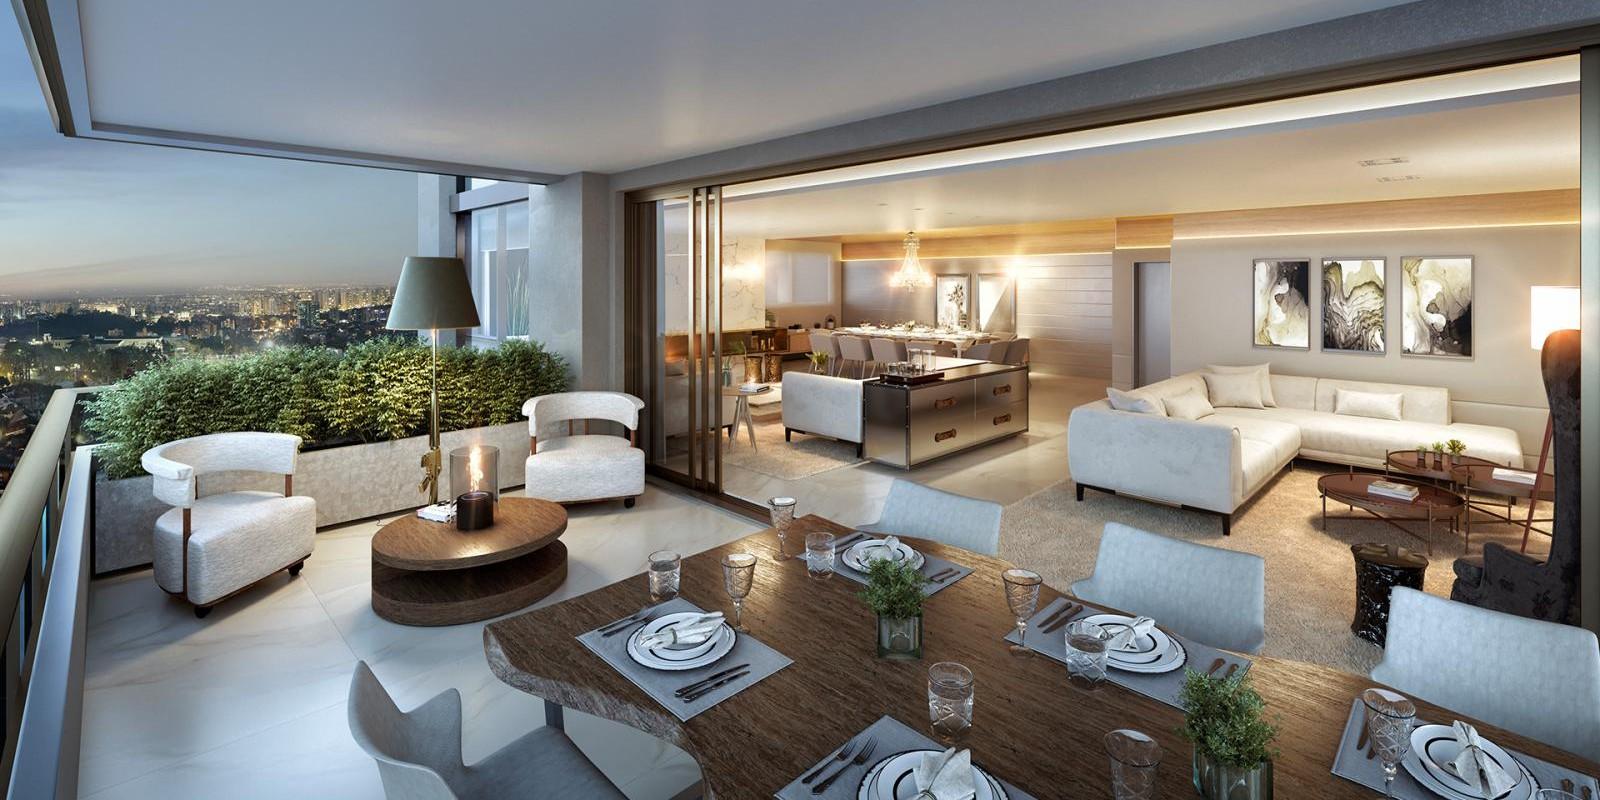 TPS Imóveis - Veja Foto 5 de 5 do Apartamento de Luxo A Venda Porto Alegre